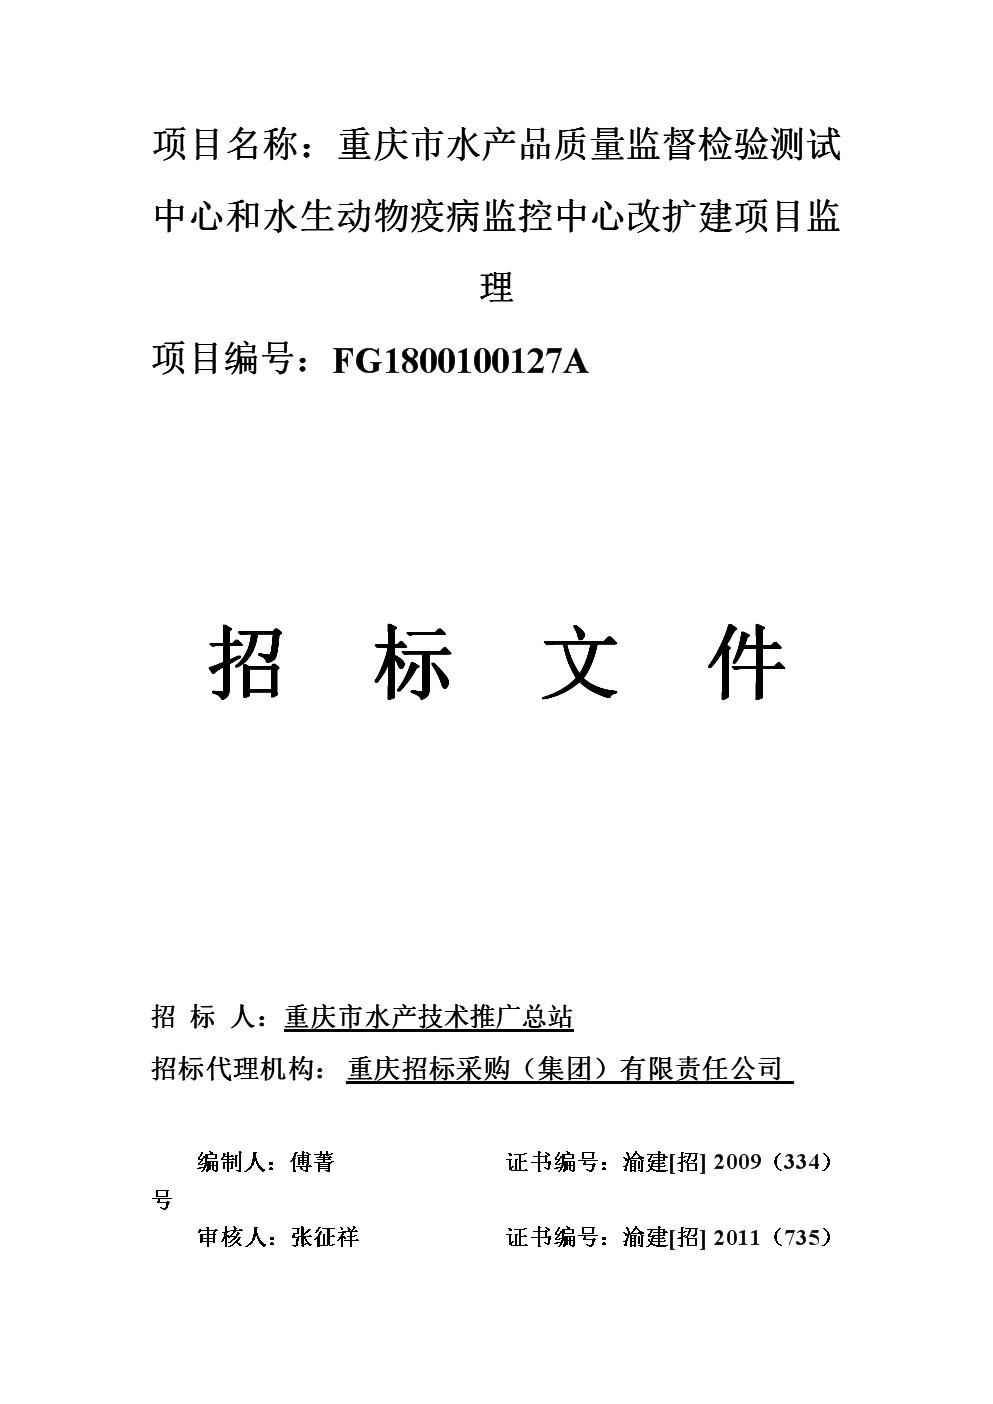 重庆市水产品质量监督检验测试中心和水生动物疫病监控中心改扩建项目监理招标文件.doc